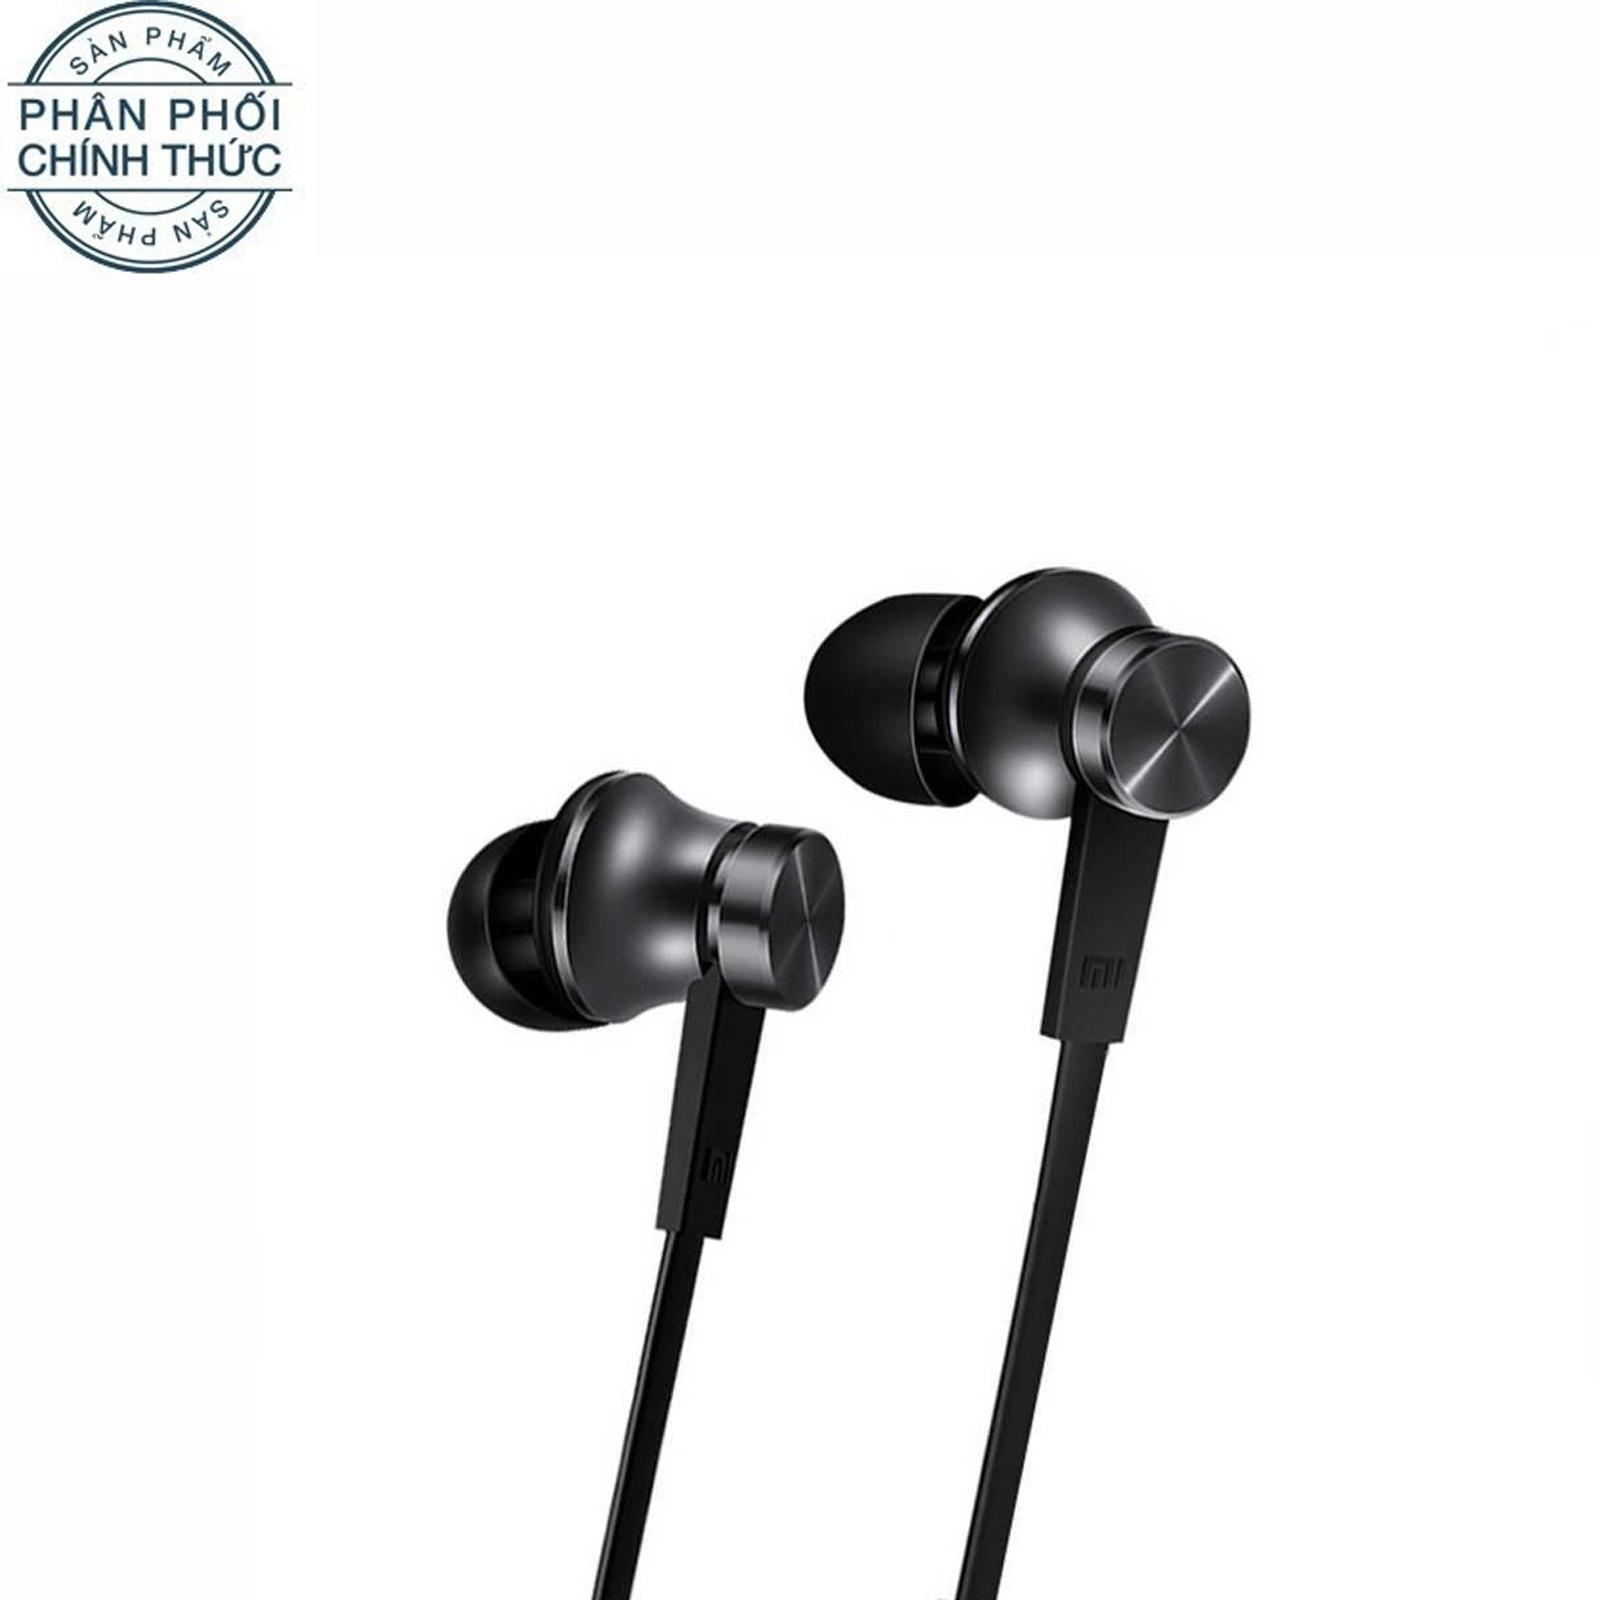 Giá Bán Tai Nghe Nhet Tai Xiaomi Mi In Ear Headphones Basic 2016 Đen Hang Phan Phối Chinh Thức Vietnam